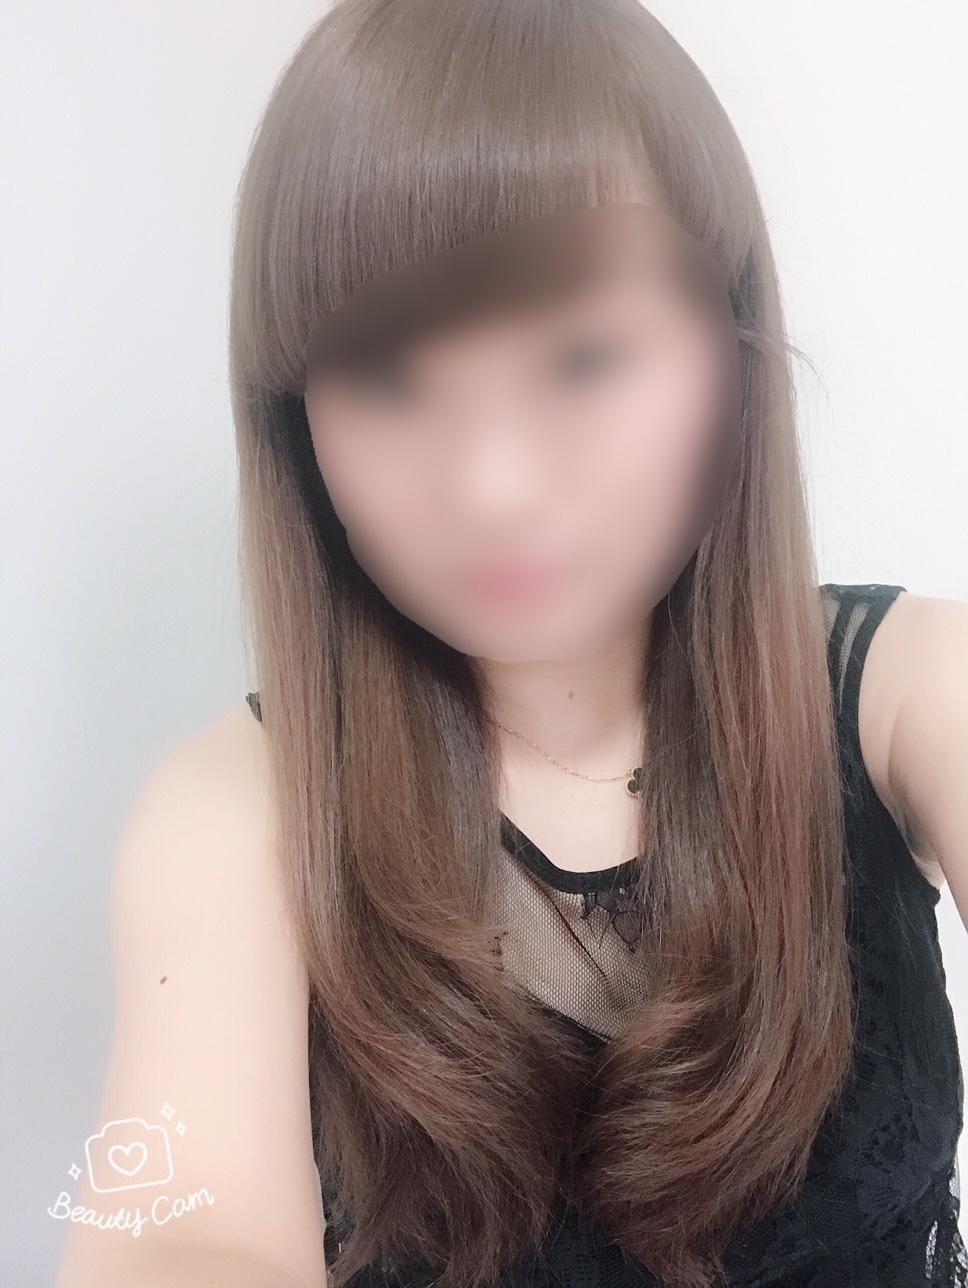 「お兄様、待ってます☆」11/15(11/15) 21:12 | あゆなの写メ・風俗動画